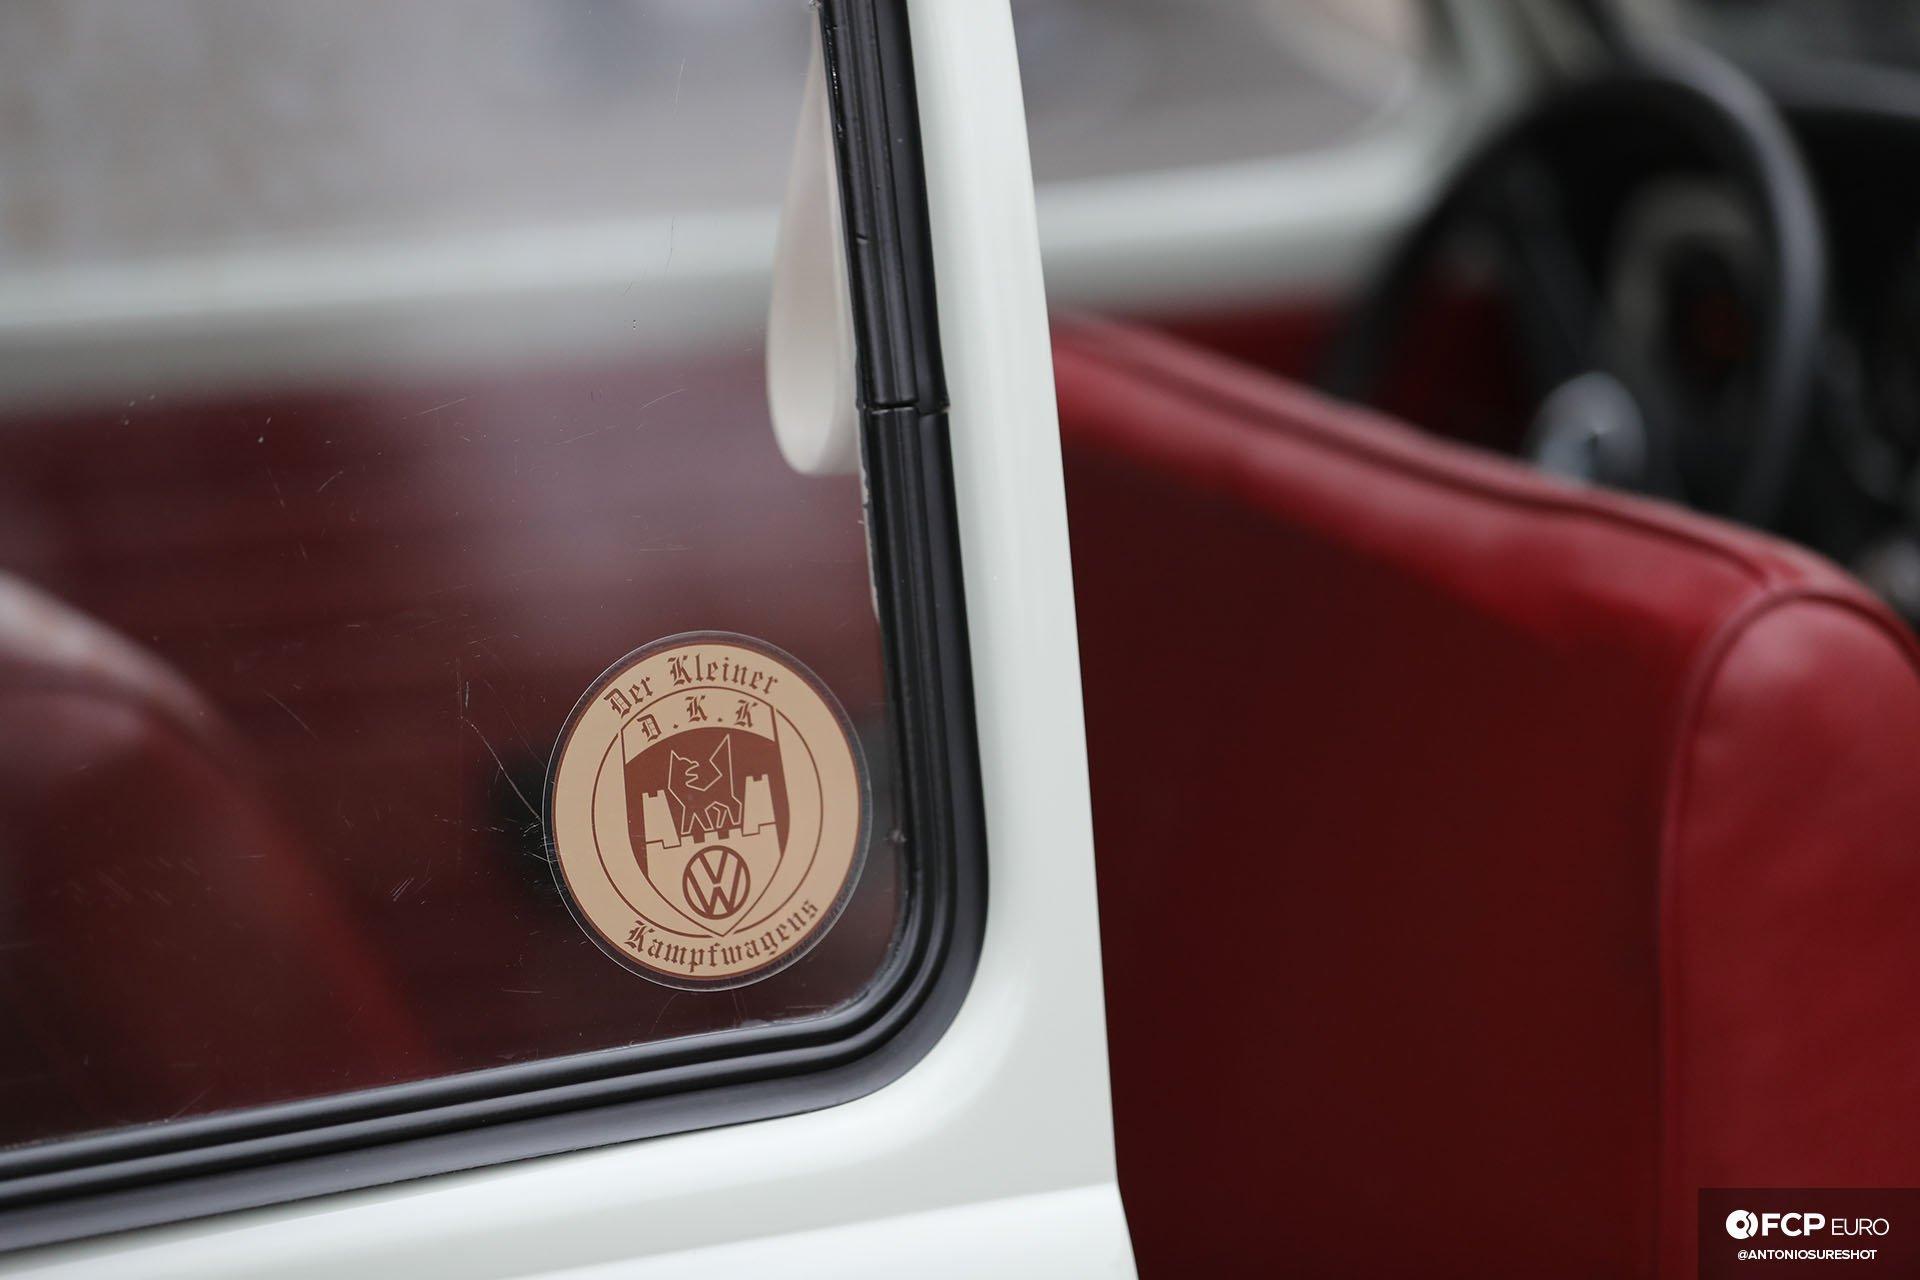 Volkswagen Beetle Der Kleiner Kampfwagens Decal